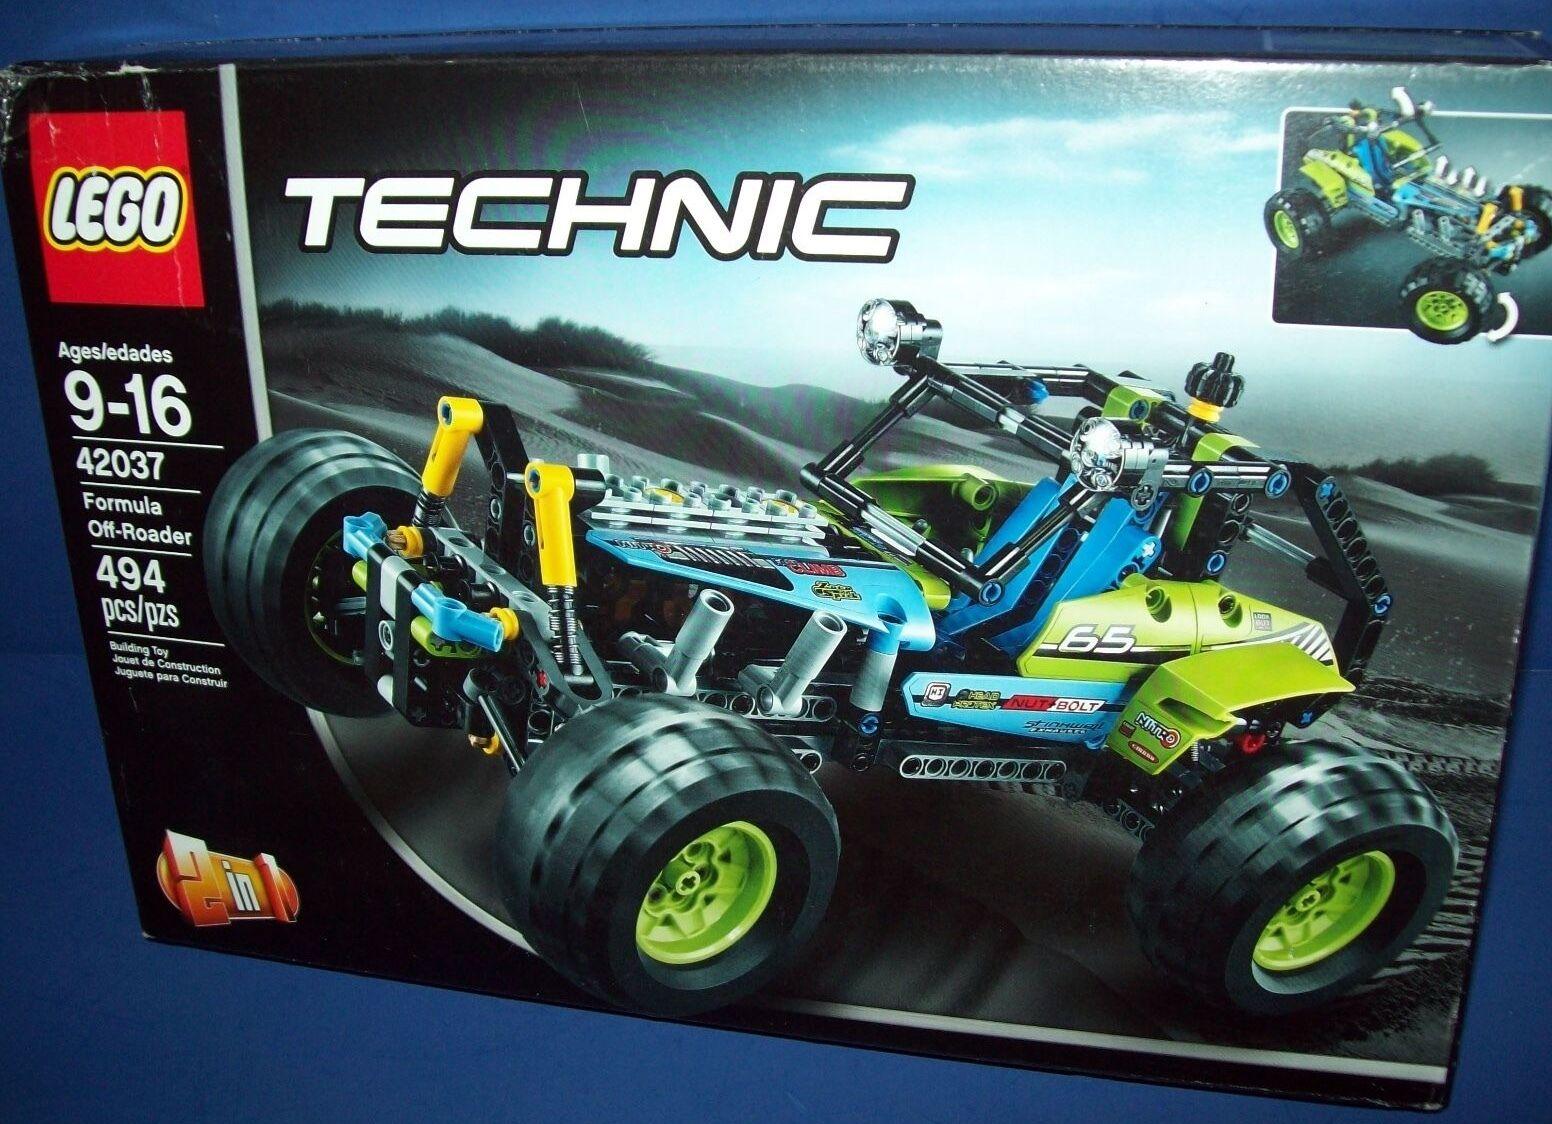 Lego 42037 Technic Formel Off-Roader Alter 9-16 Nisb 2 in 1 Lego